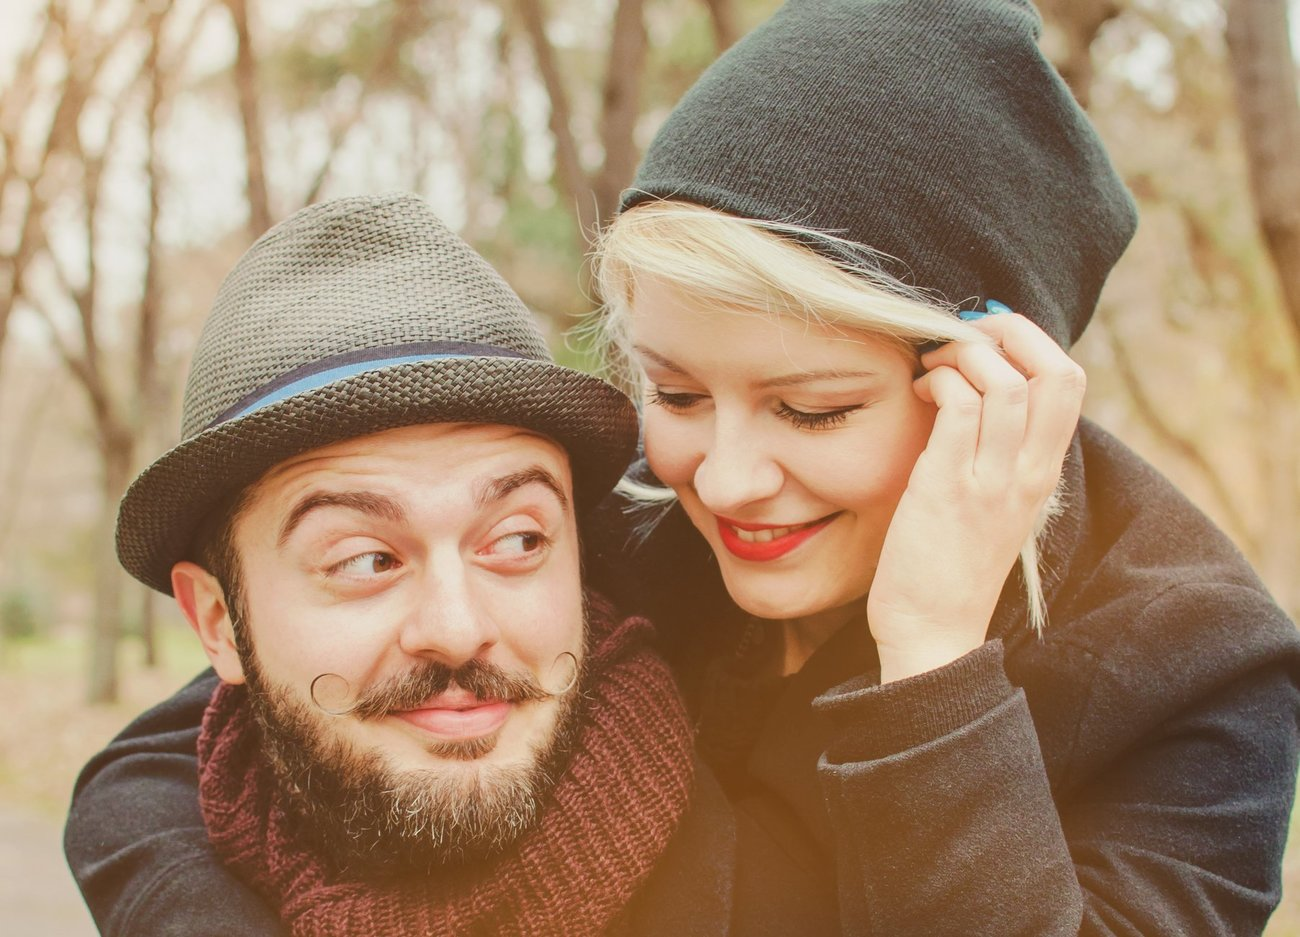 Dein Partner verändert Dich wahrscheinlich mehr als Du denkst.